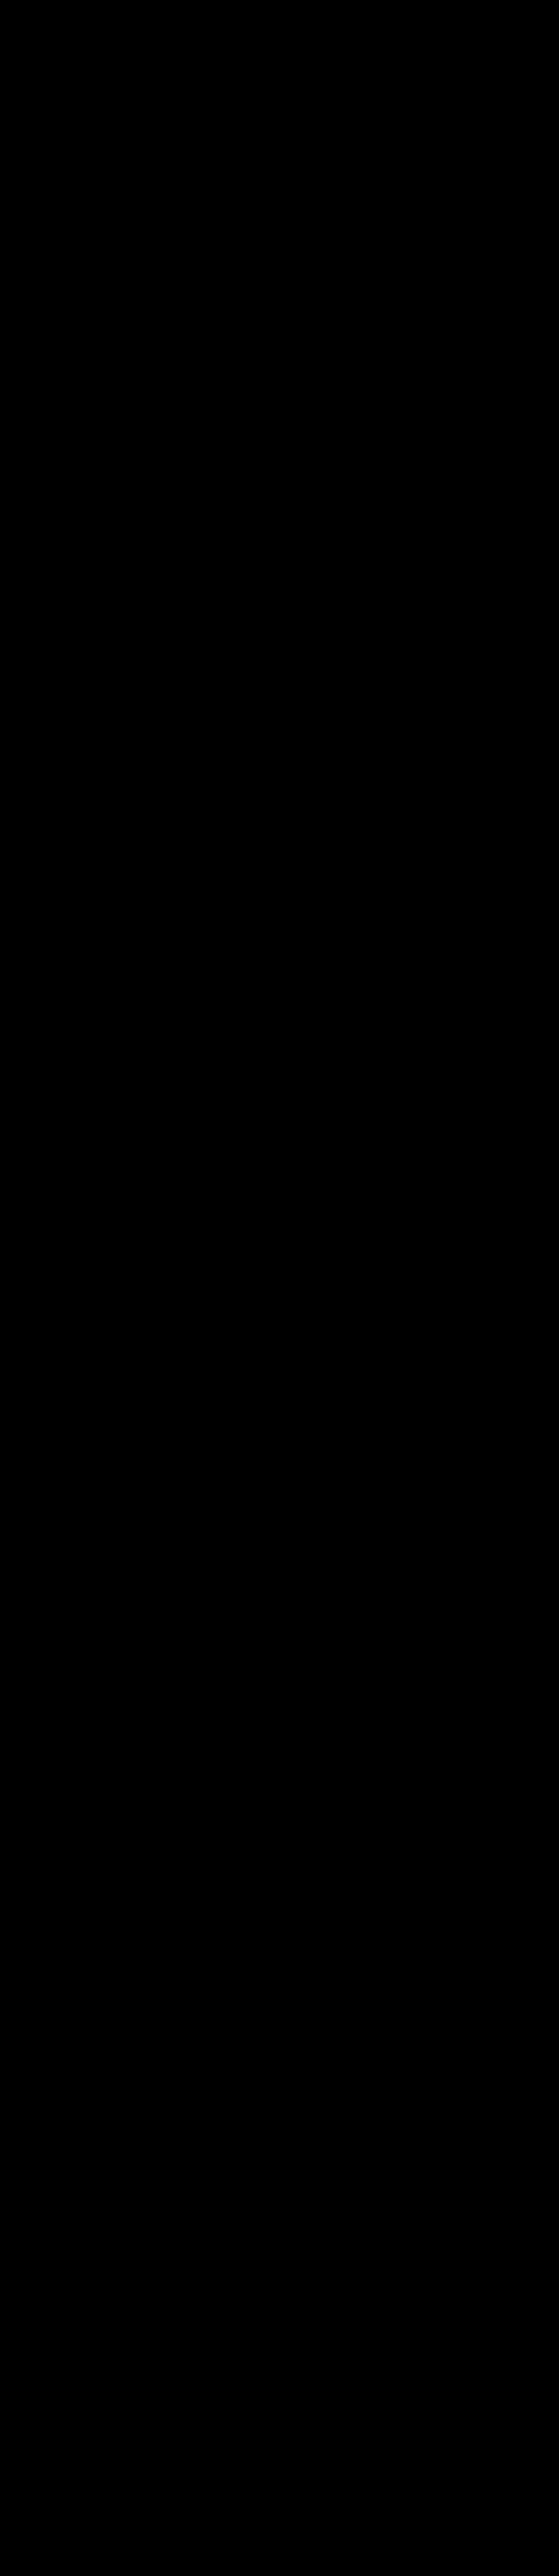 คอร์ดกีตาร์ คอร์ดกีตาร์พื้นฐาน เพลง เมดเลย์เพลงจรัล มโนเพชร